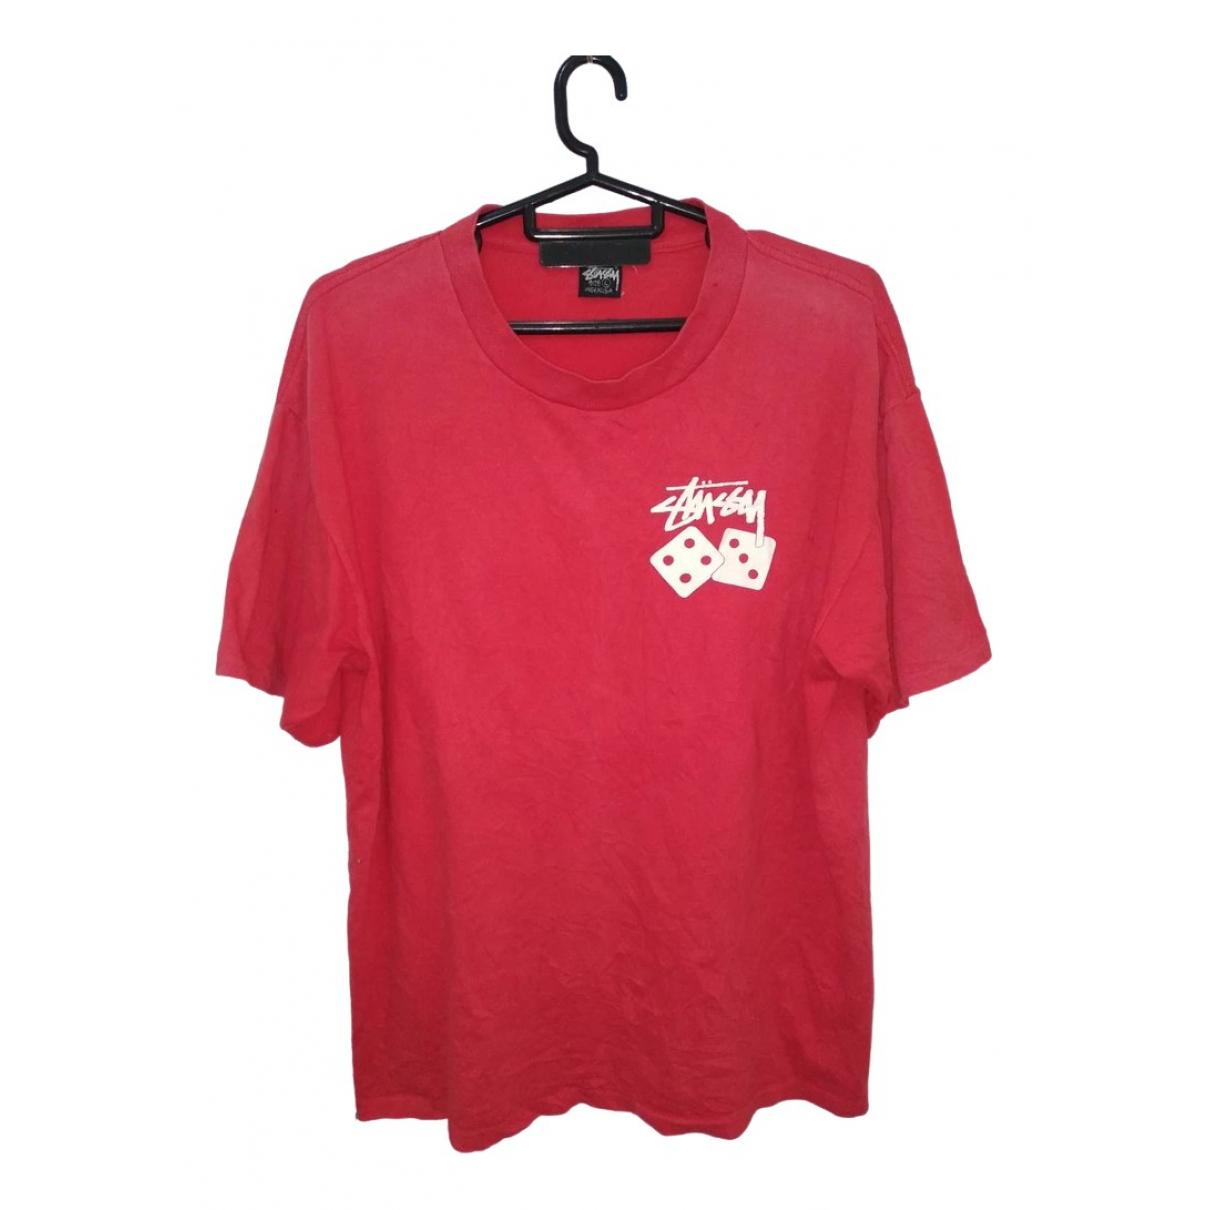 Stussy - Tee shirts   pour homme en coton - rouge